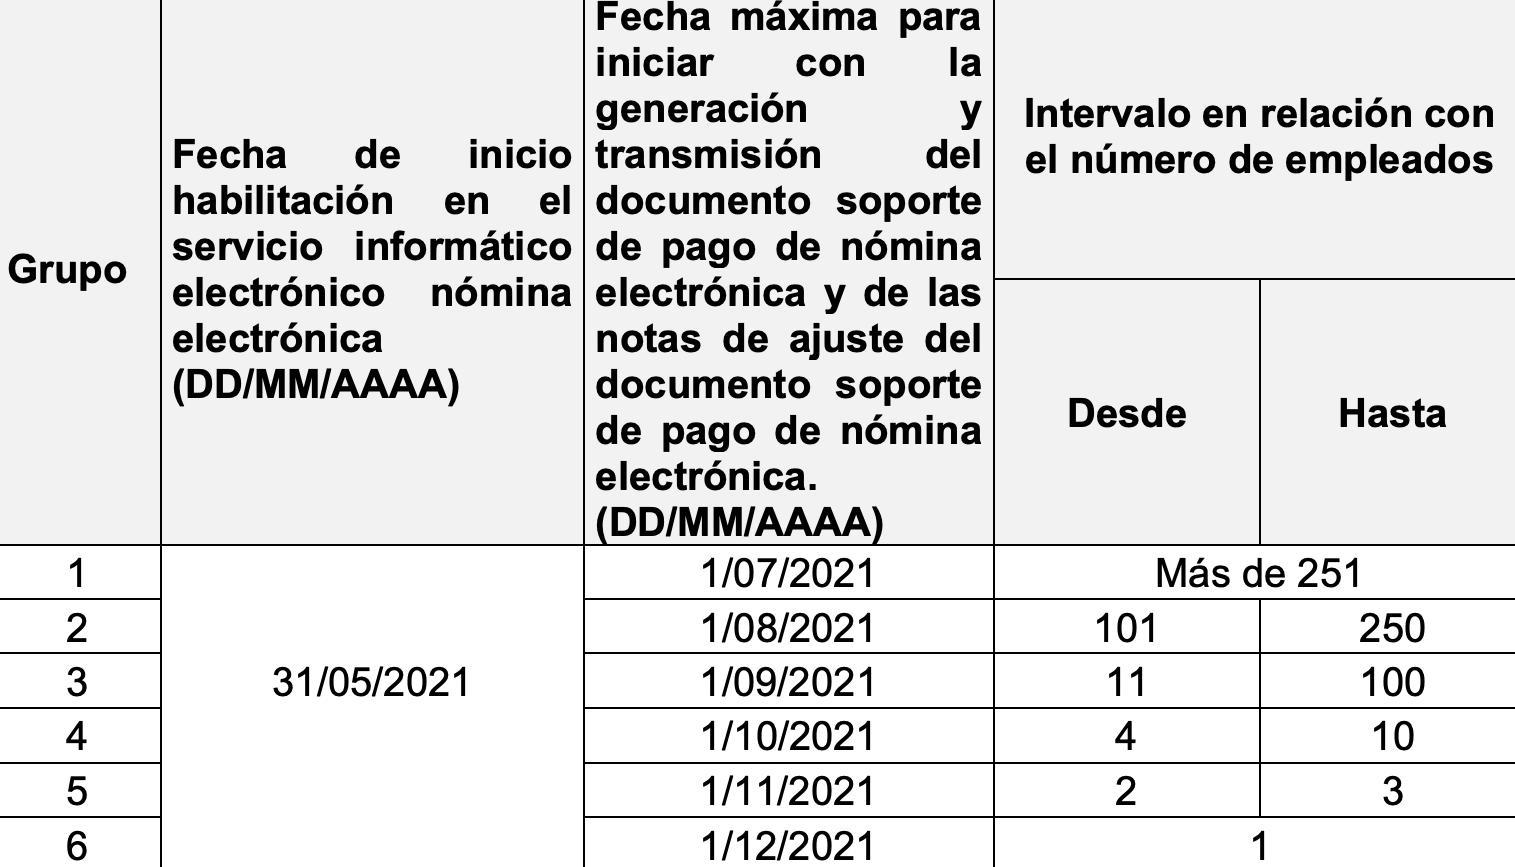 Calendario de implementación